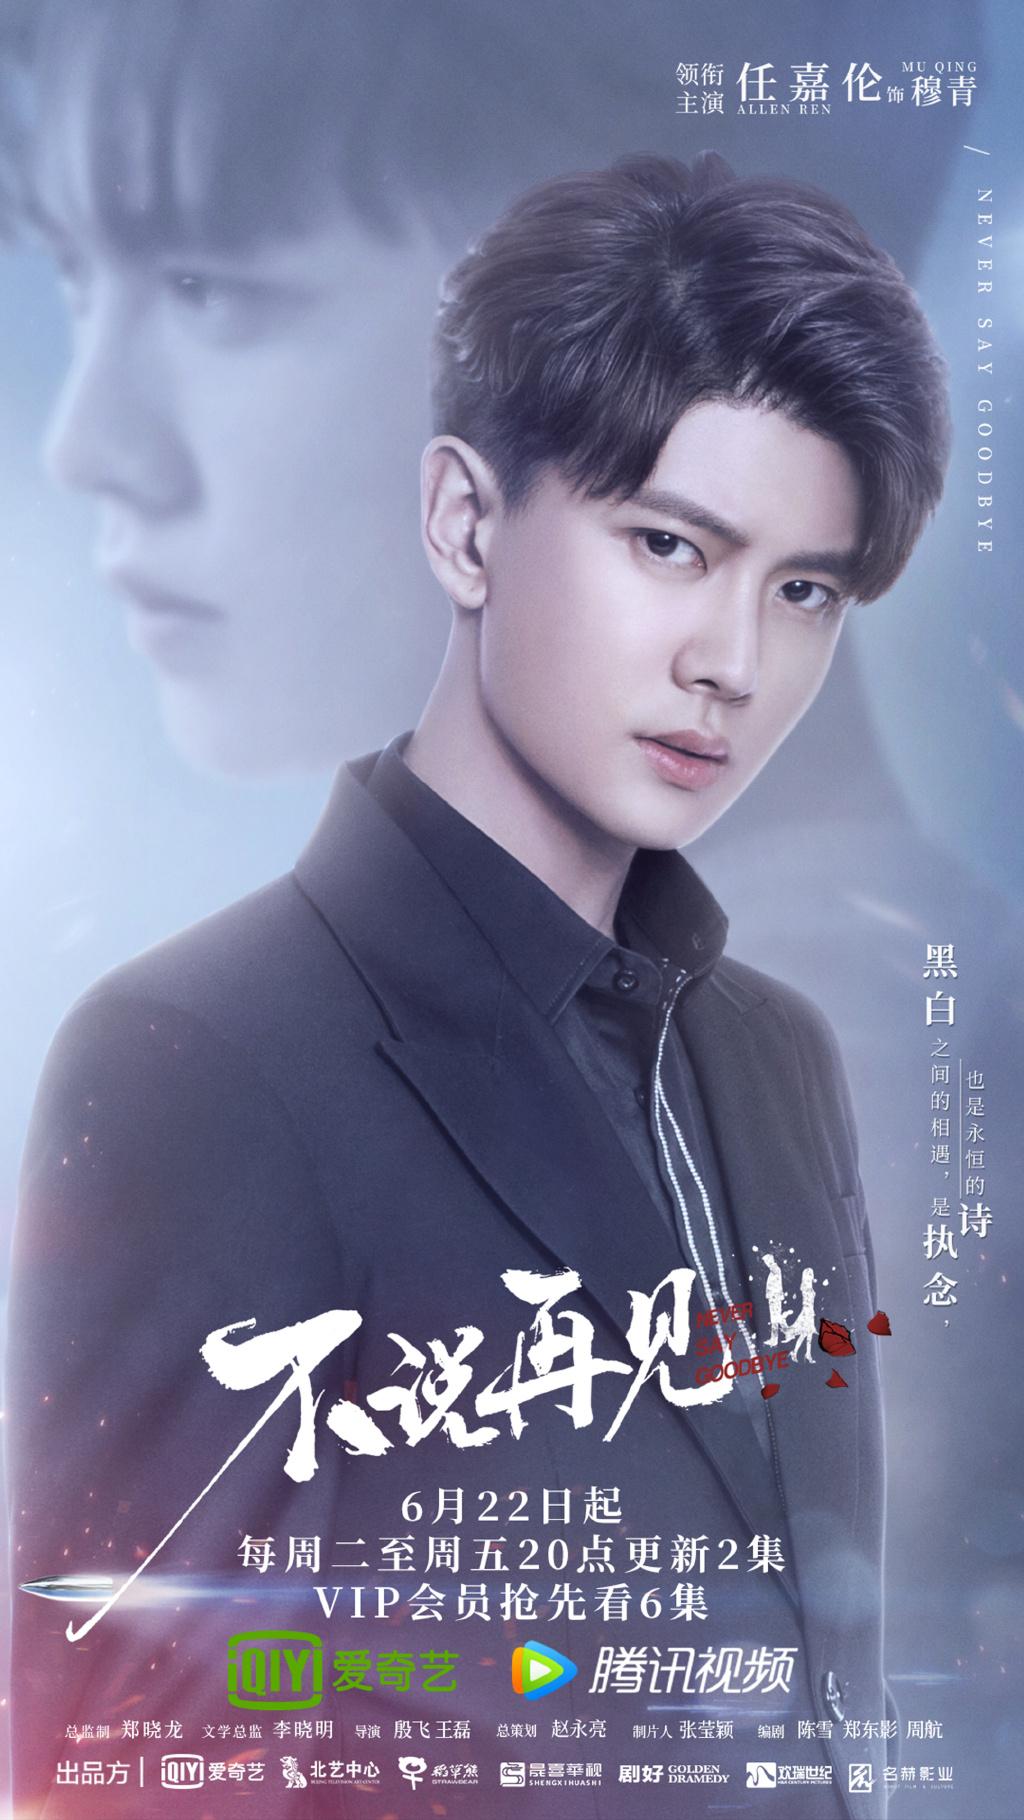 Ren Jia Lun